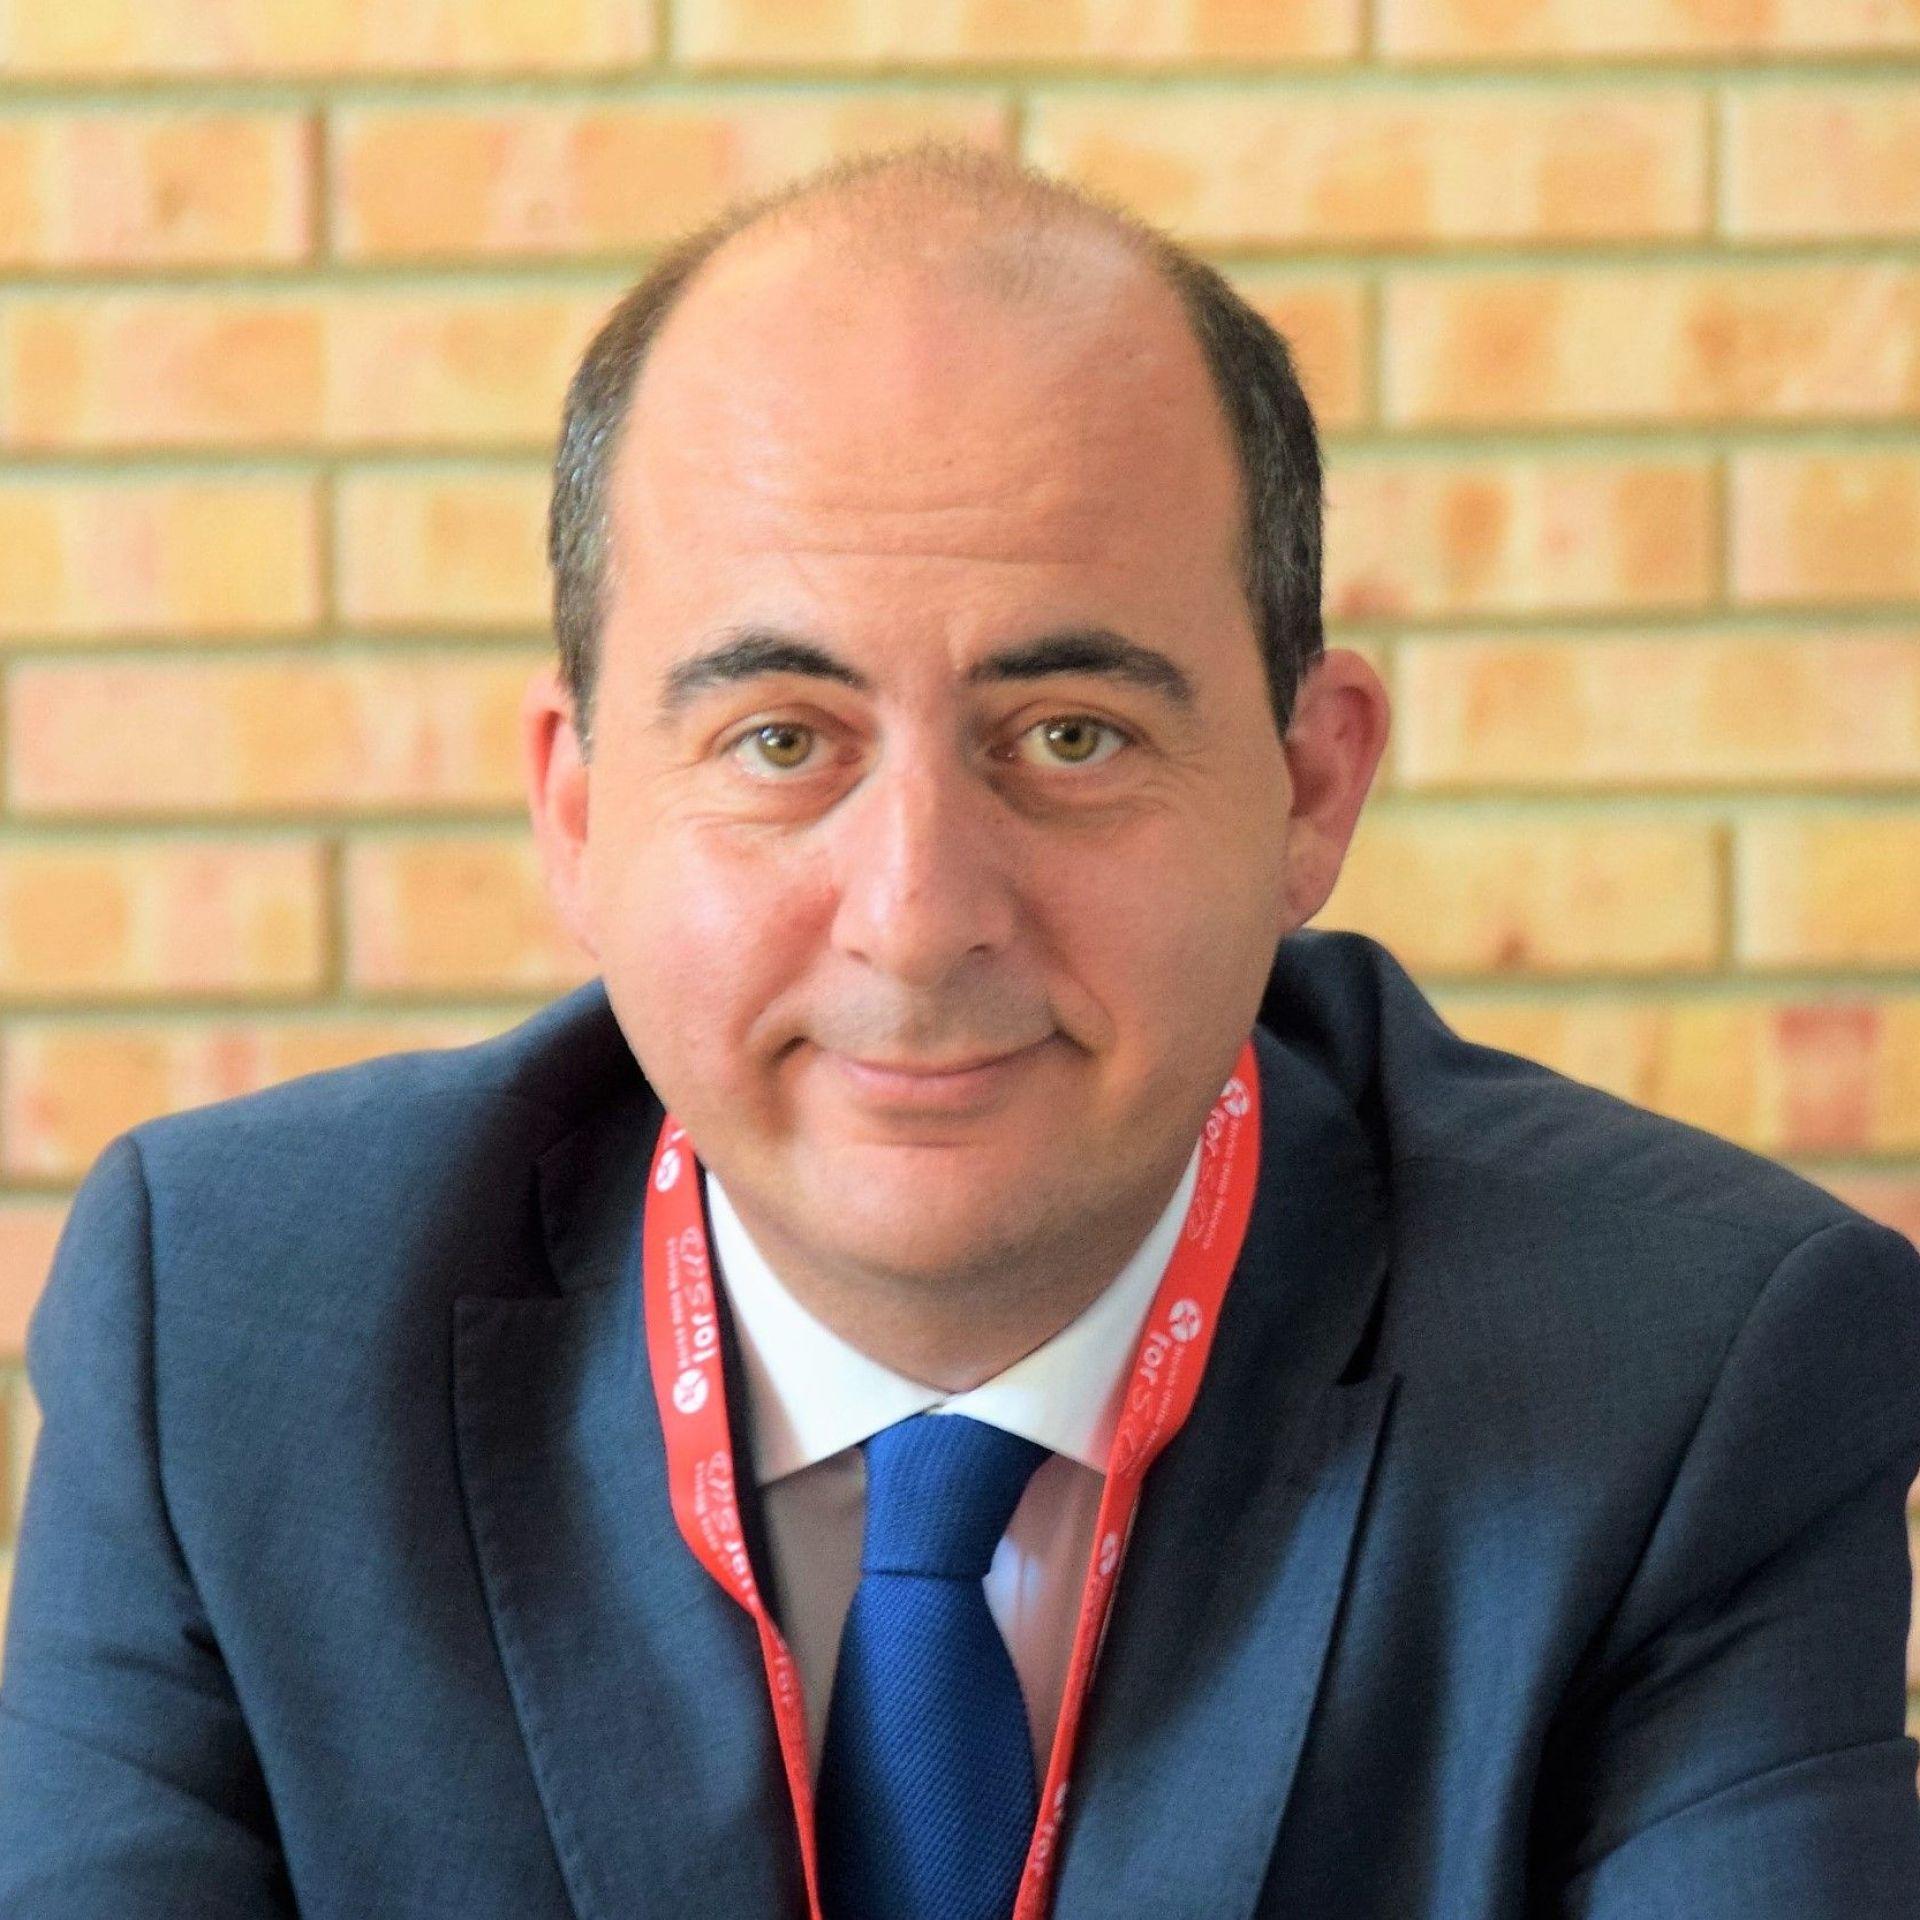 Tommaso Aiello